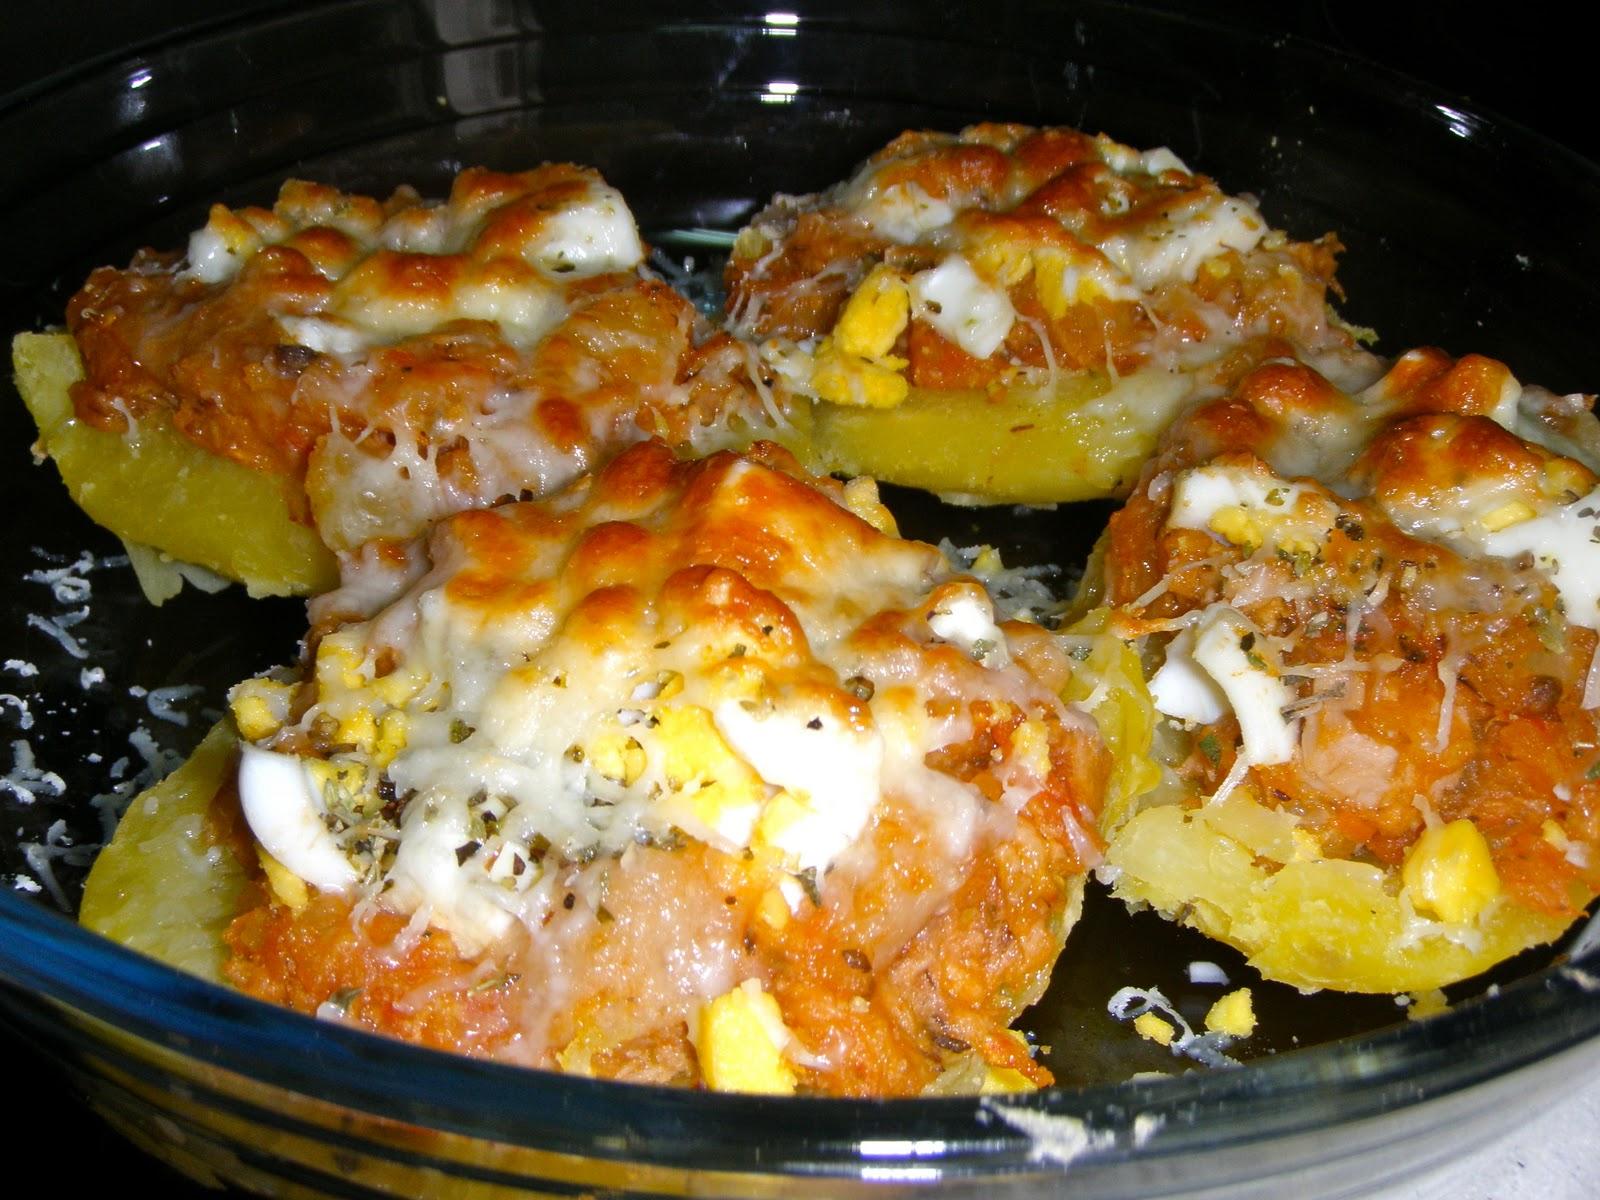 Recetas de cocina faciles para estudiantes patatas for Comidas caseras faciles